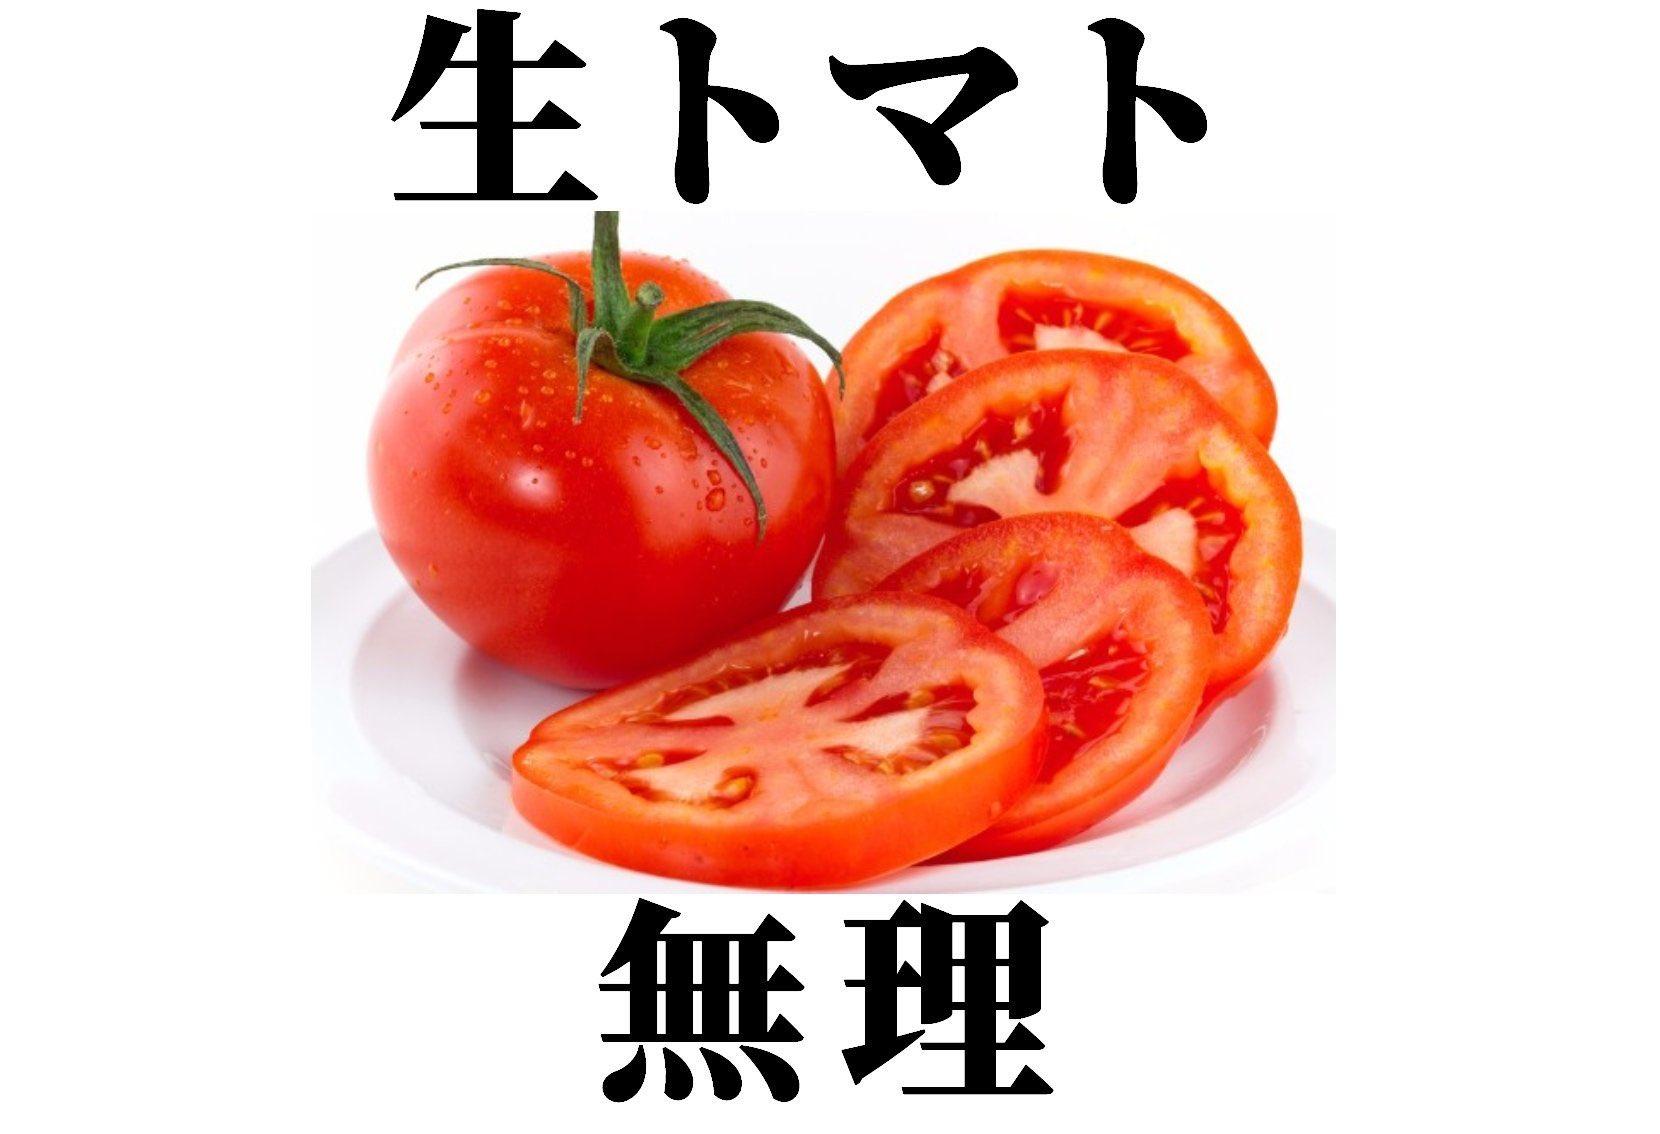 トマト嫌いの流儀とは?生トマトは嫌いでもケチャップはイケる!